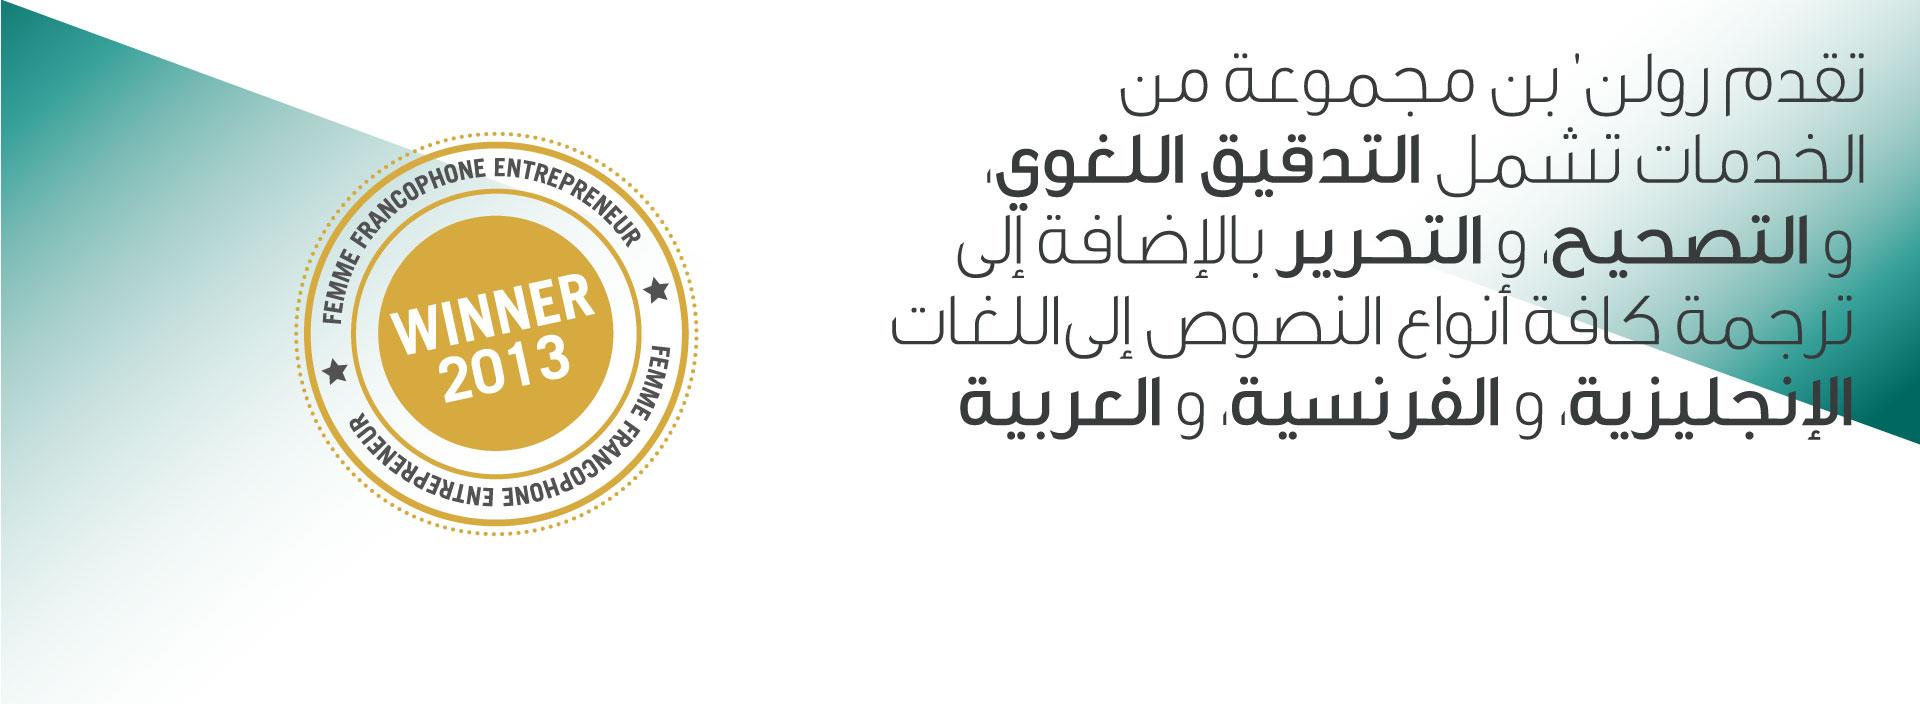 rolinpen_arabic_banner1